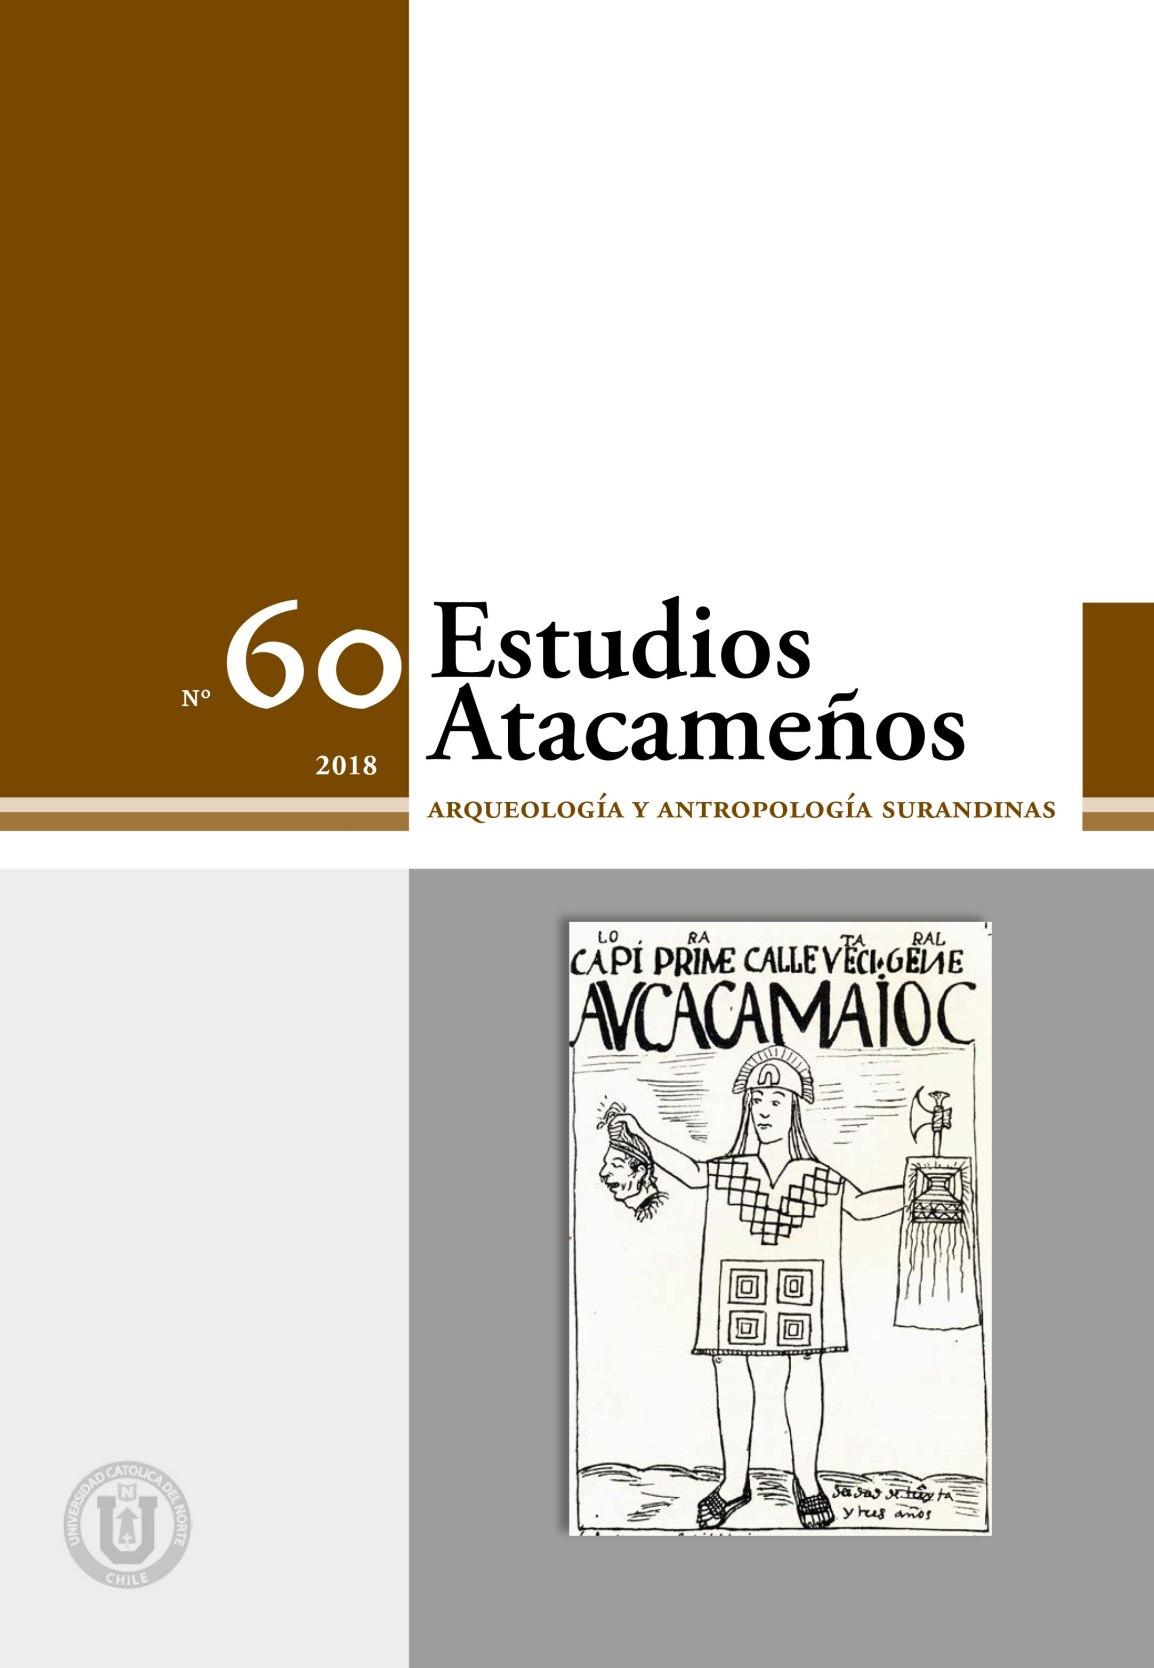 Memorias dolorosas, memorias del dolor: reflexiones y debates mapuche sobre la restitución de restos humanos mapuche-tehuelche en la Patagoniaargentina